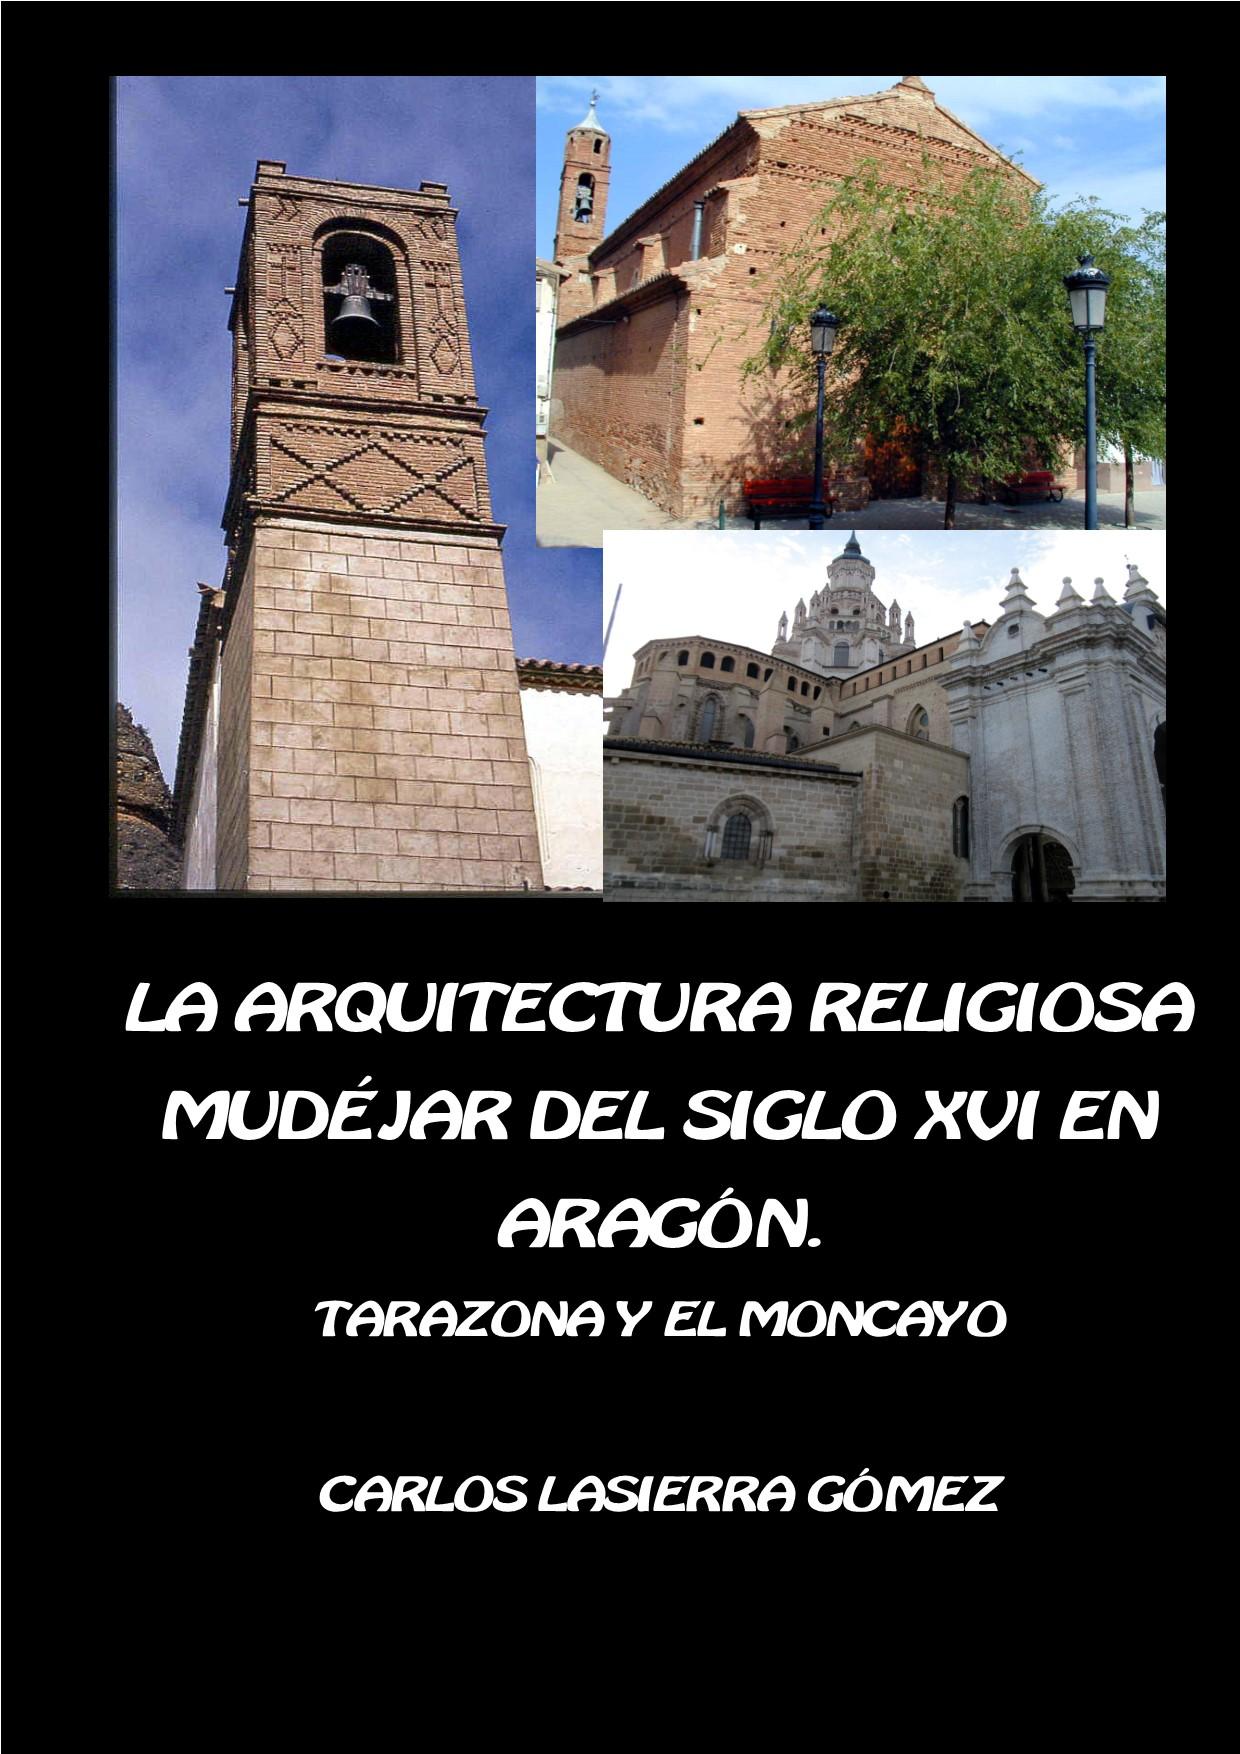 La arquitectura religiosa mudéjar en